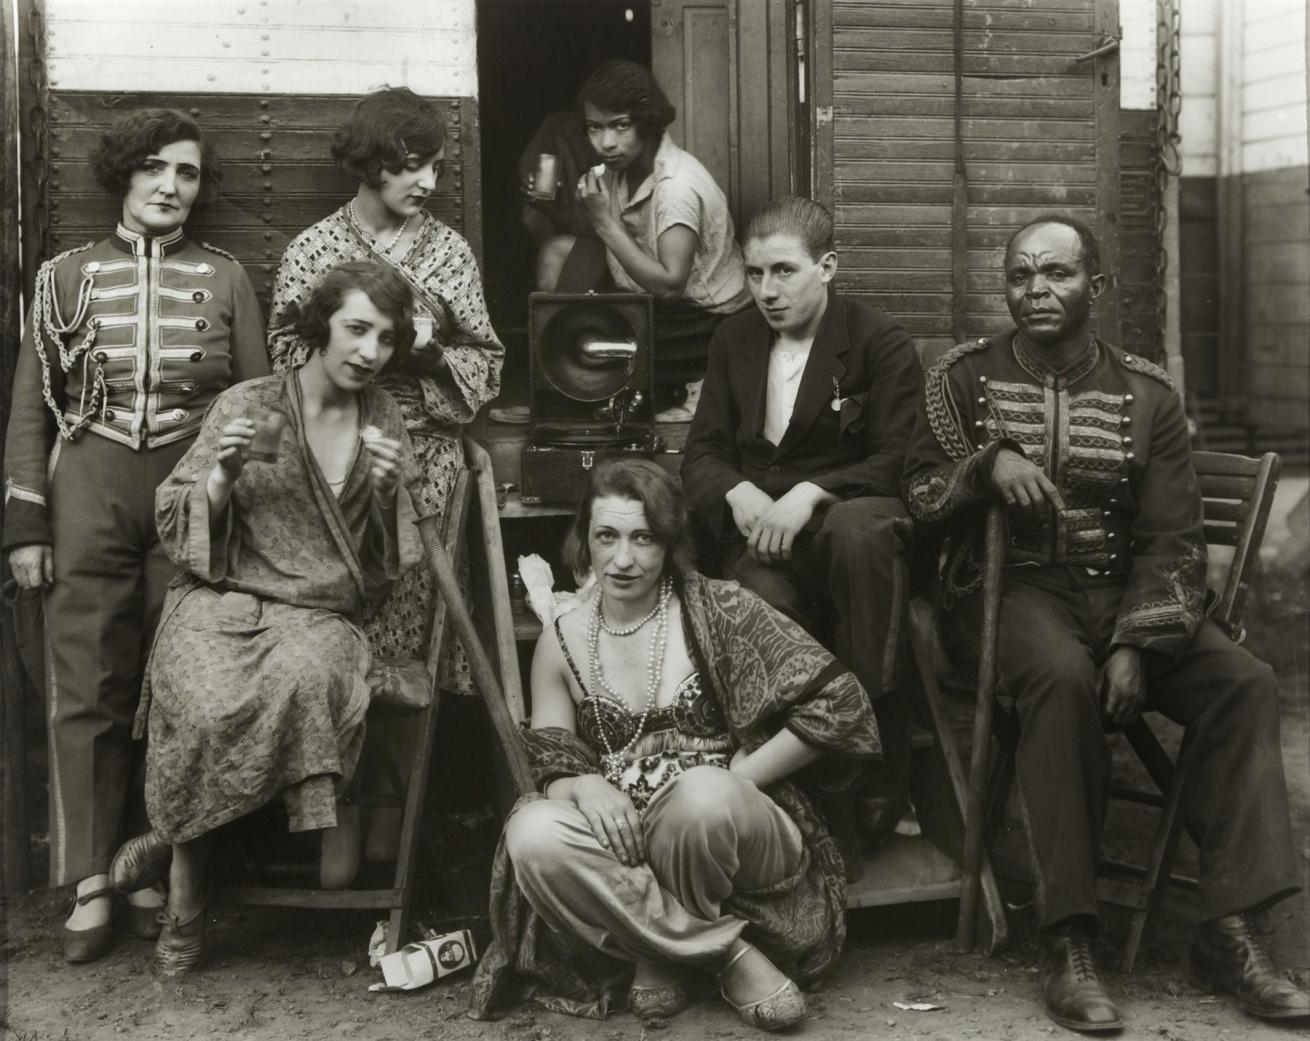 Fotó: August Sander <br />Zirkusartisten (Circus Artists)<br />1926-1932<br />Gelatin silver print<br />© Die Photographische Sammlung/SK Stiftung Kultur – August Sander Archiv, Köln; VG Bild-Kunst, Bonn, 2014